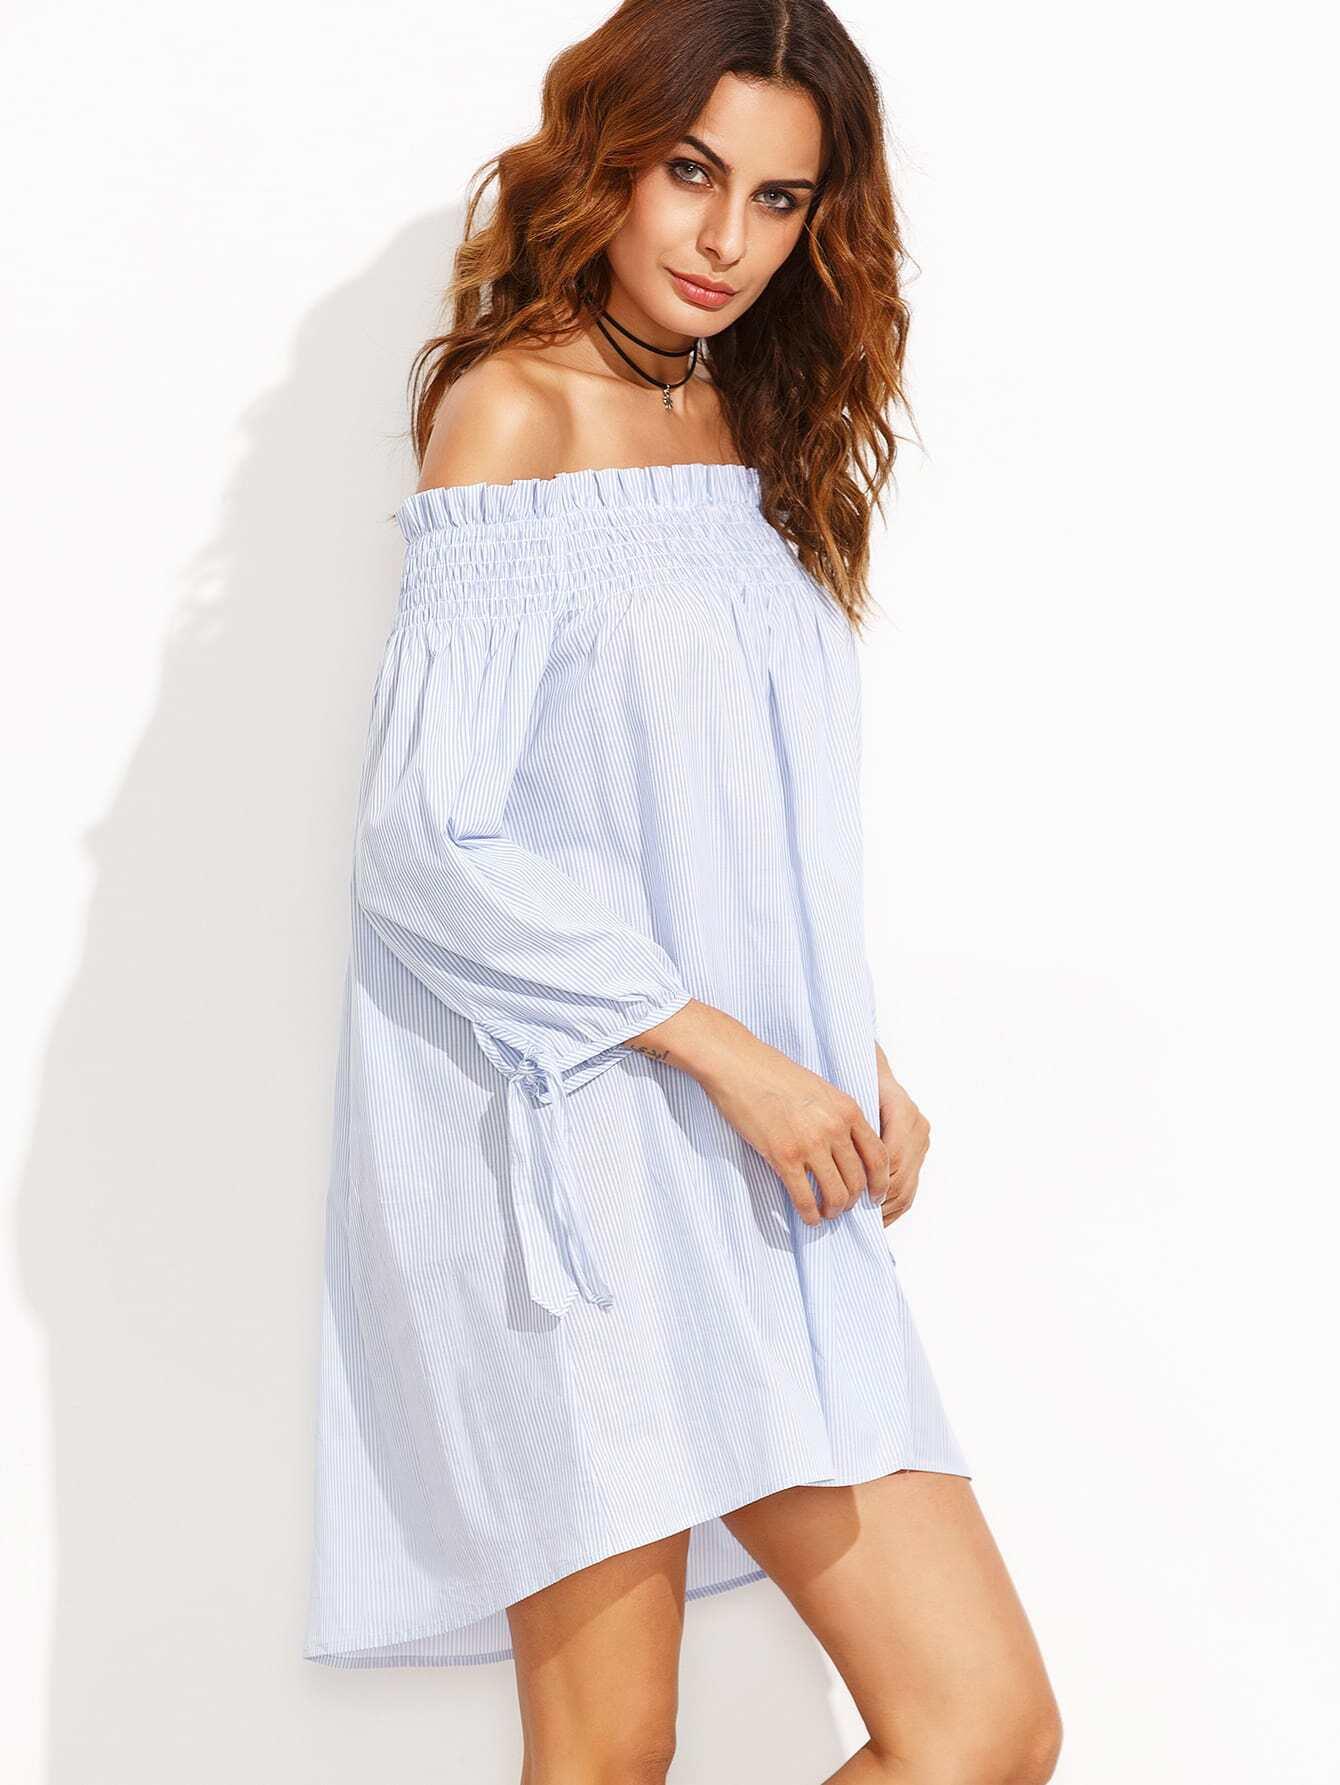 dress160805705_3